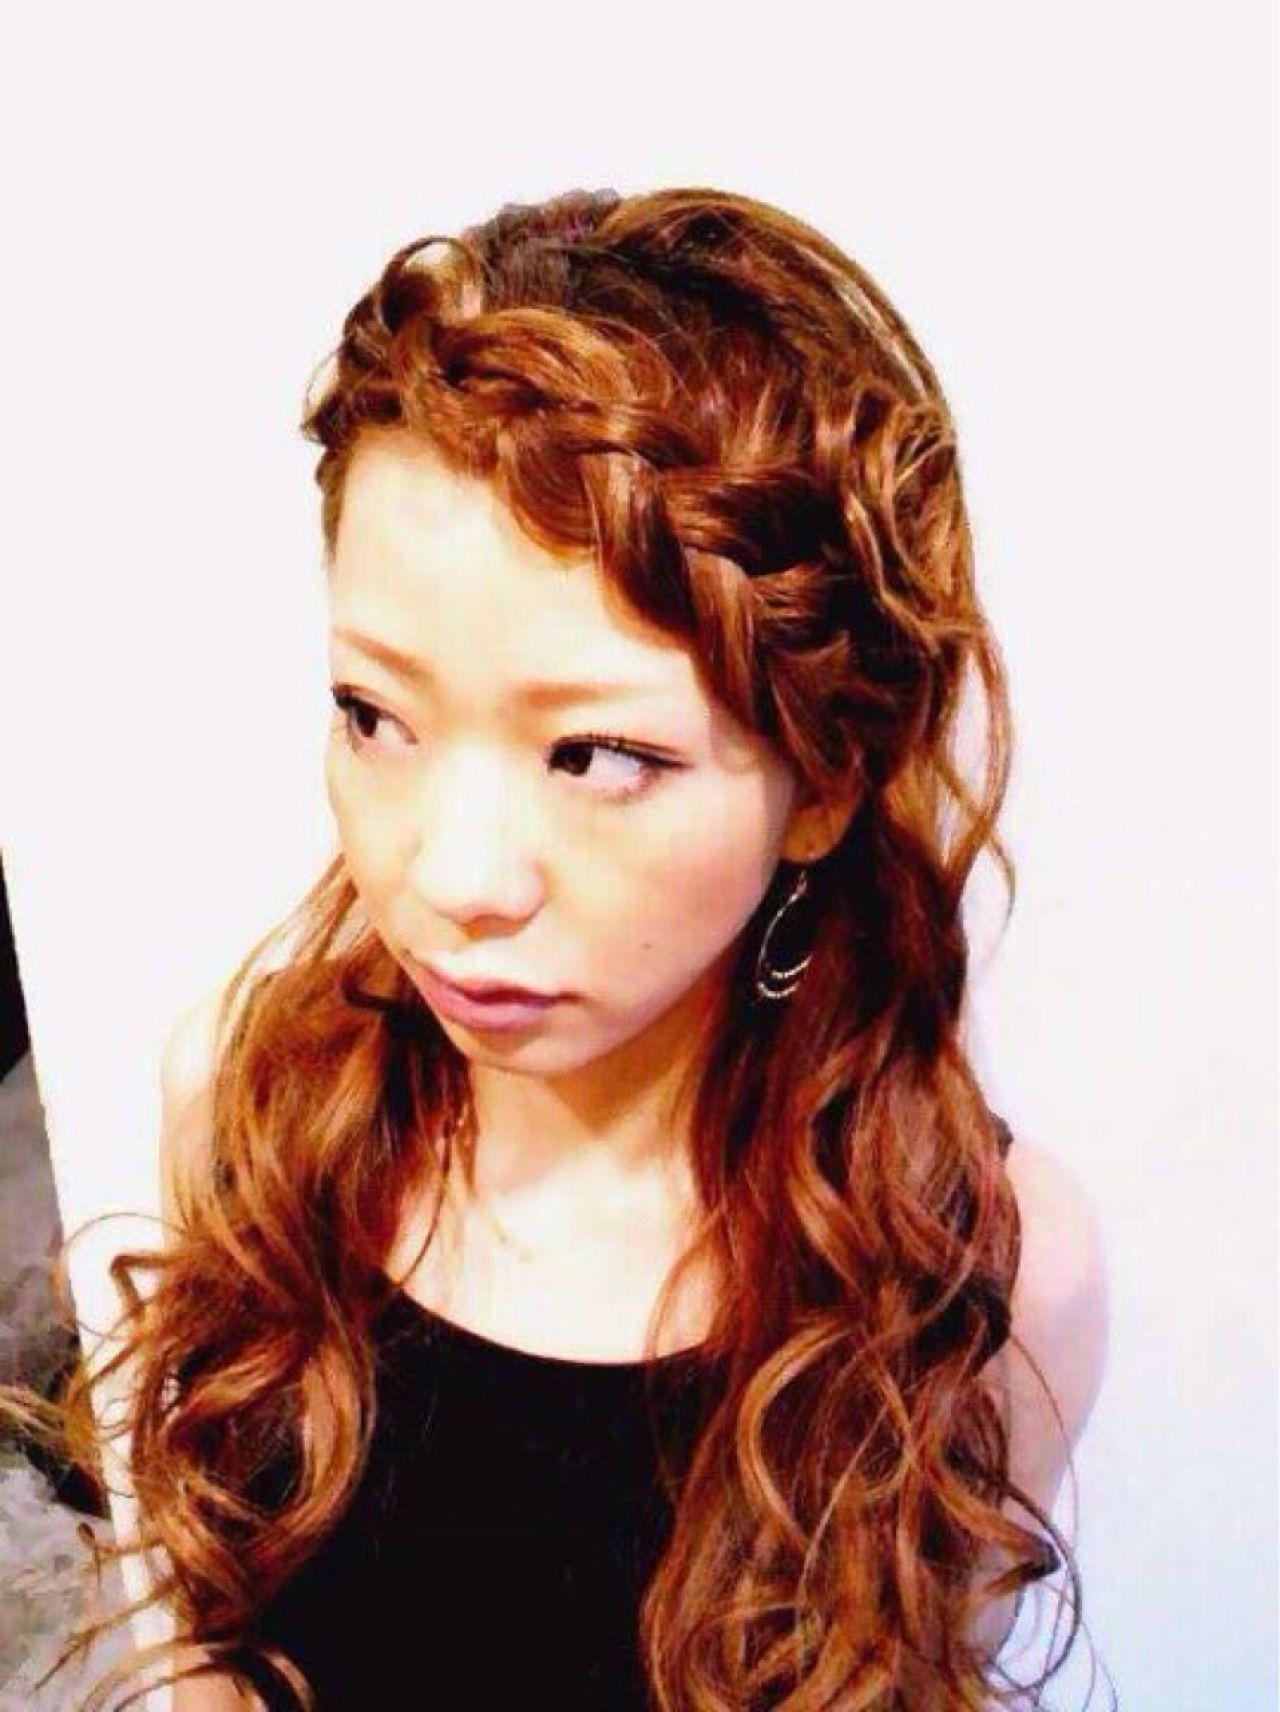 【ロングさん向け】髪が長いからこそ楽しむべき♪ヘアアレンジ12選 YUMIKO TAKADA